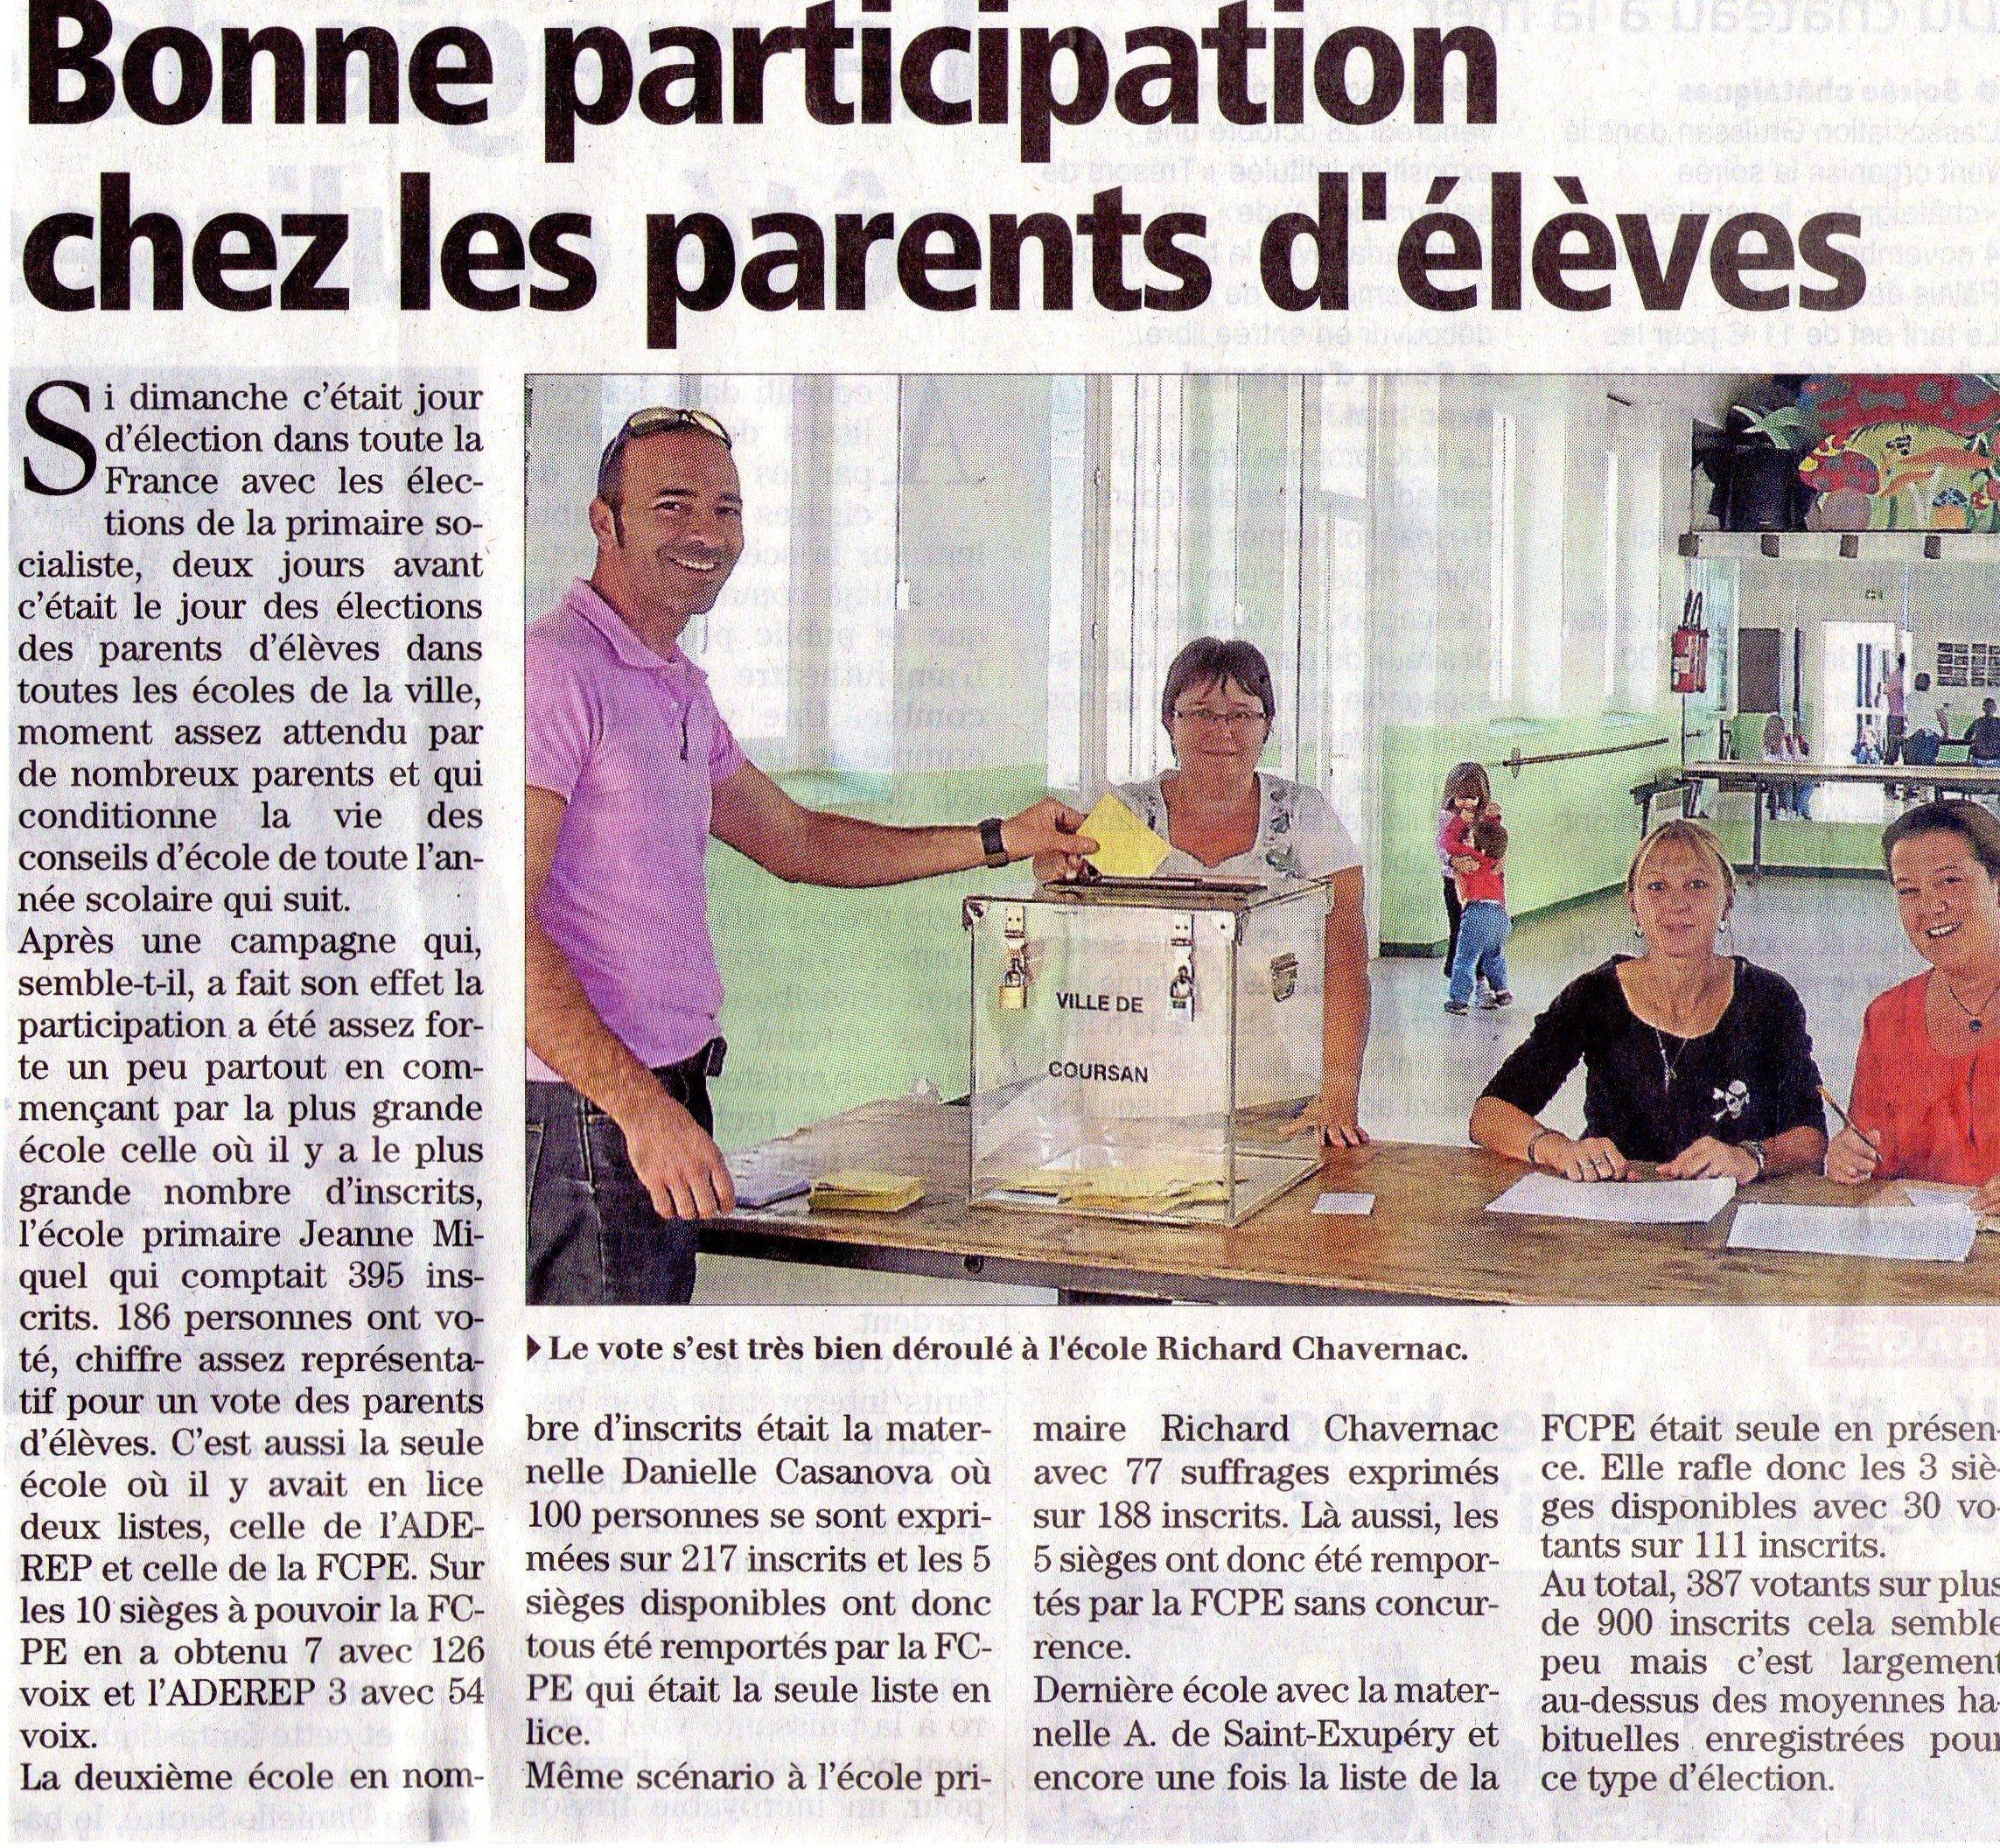 18.10.11 Bonne participation chez les parents d'élèves